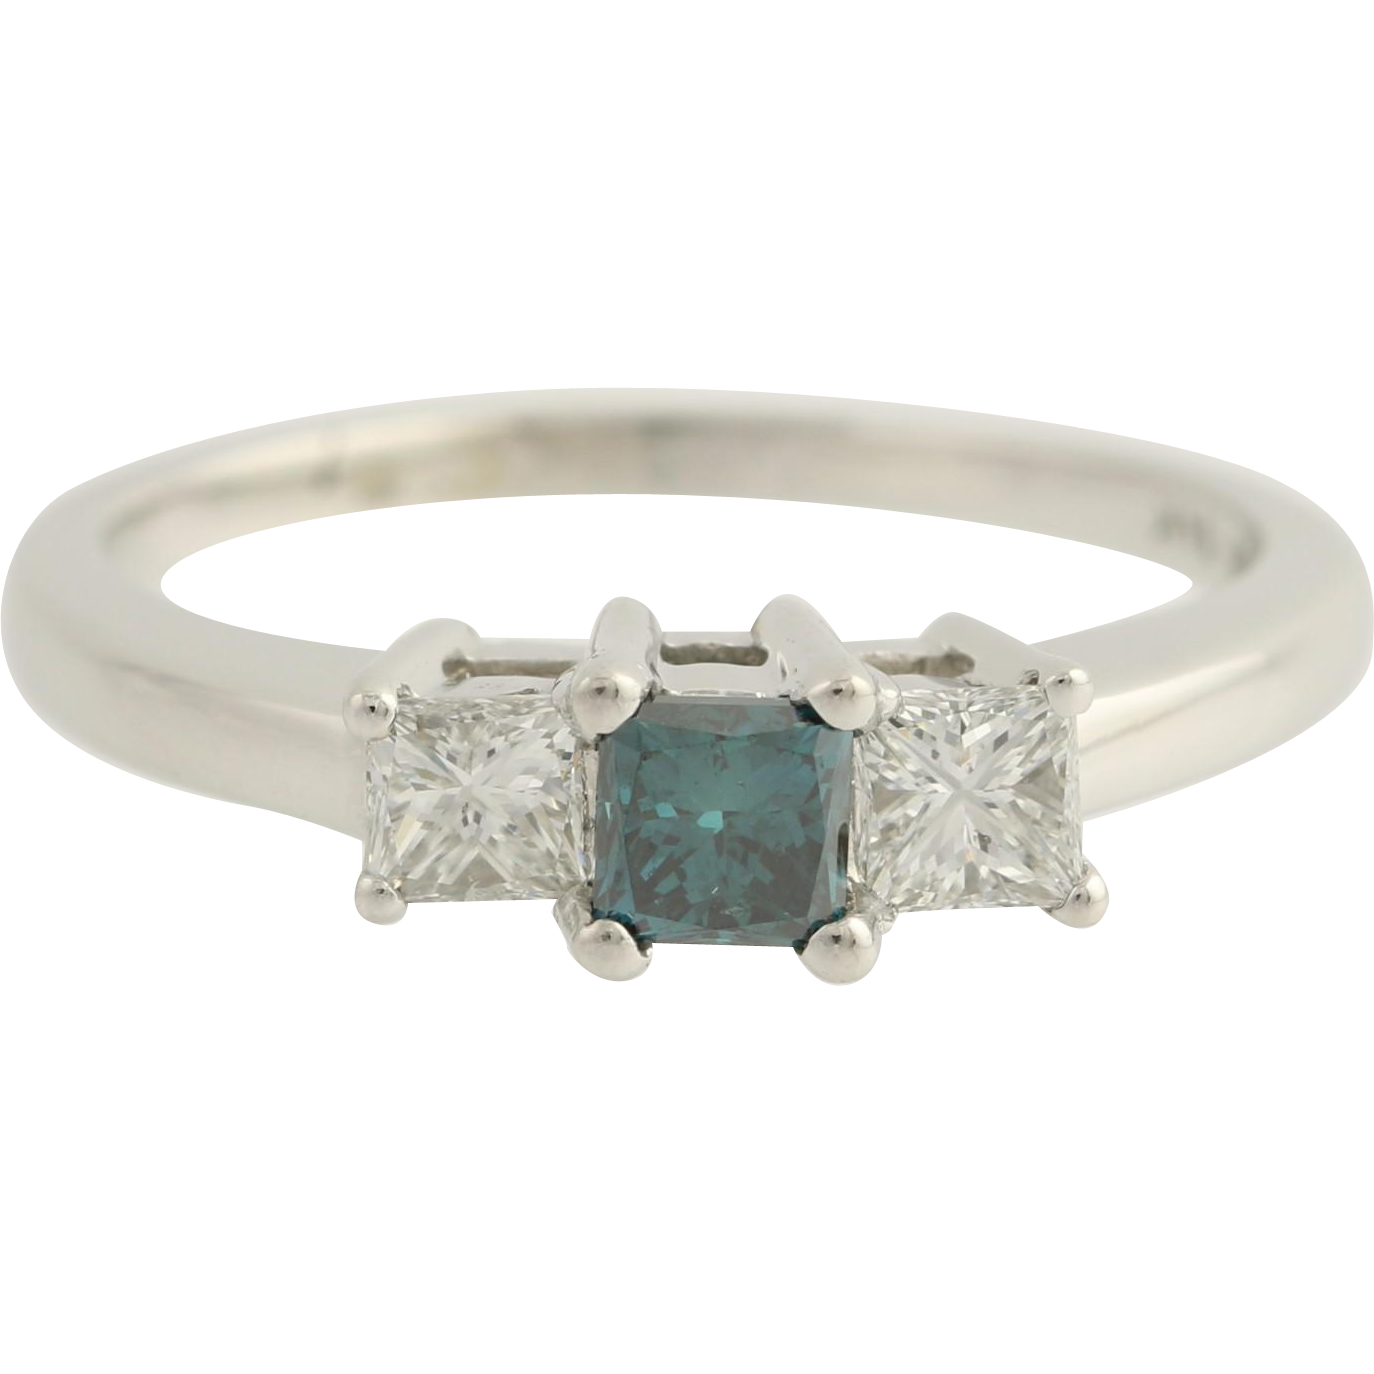 Diamond Engagement Ring - 14k White Gold Color Enhanced Ocean Blue Fine 1.02ctw Unique Engagement Ring